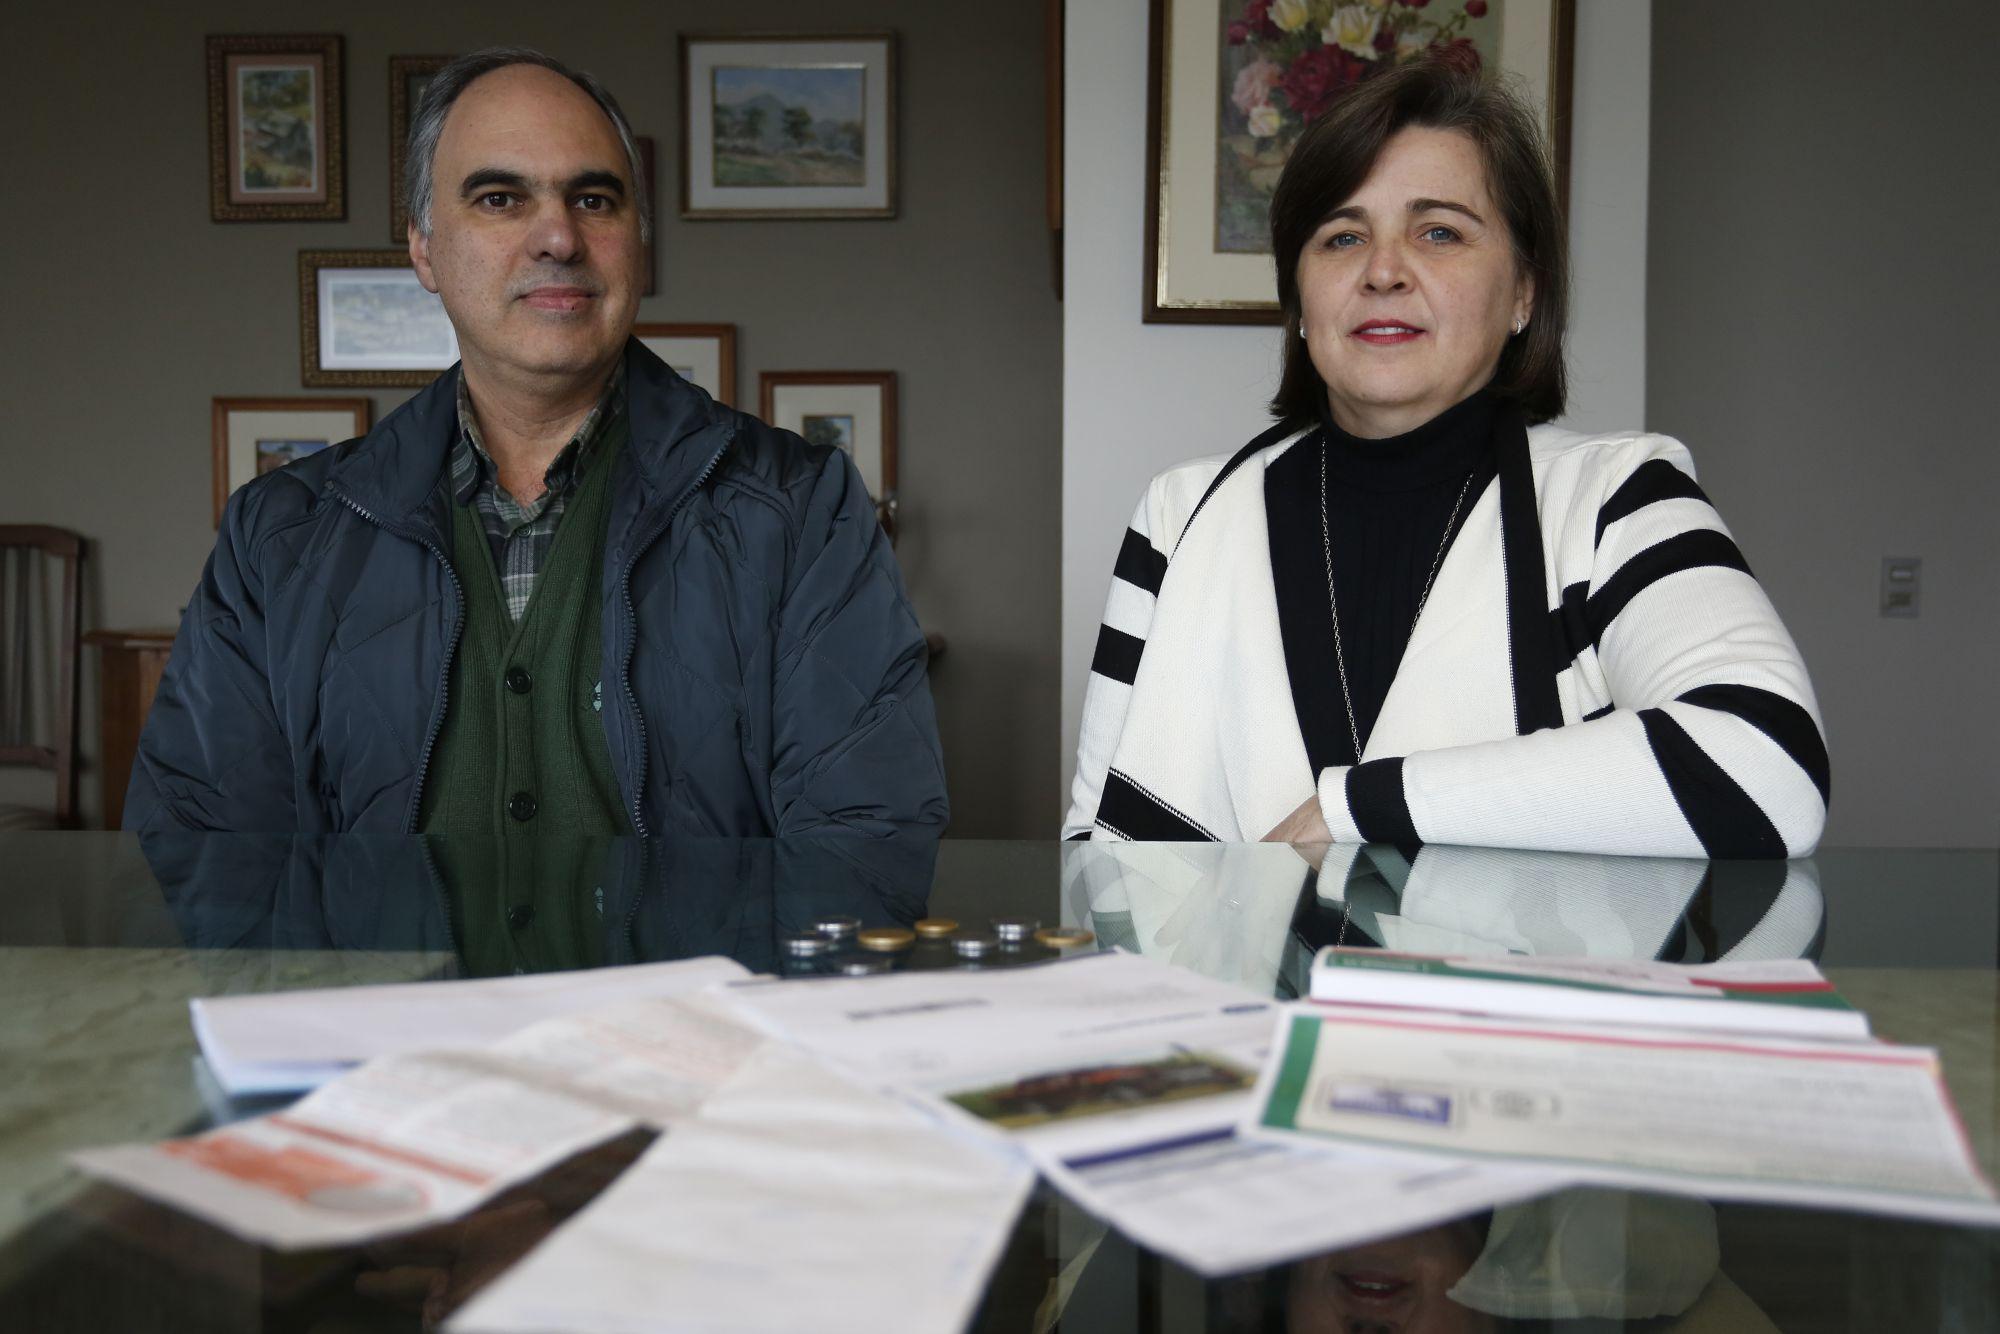 Antonio Marques , 52 anos, e Maristela Denise Marques Souza, 53 anos: conta conjunta e diálogo constante sobre gastos. Foto: Henry Milleo/Gazeta do Povo